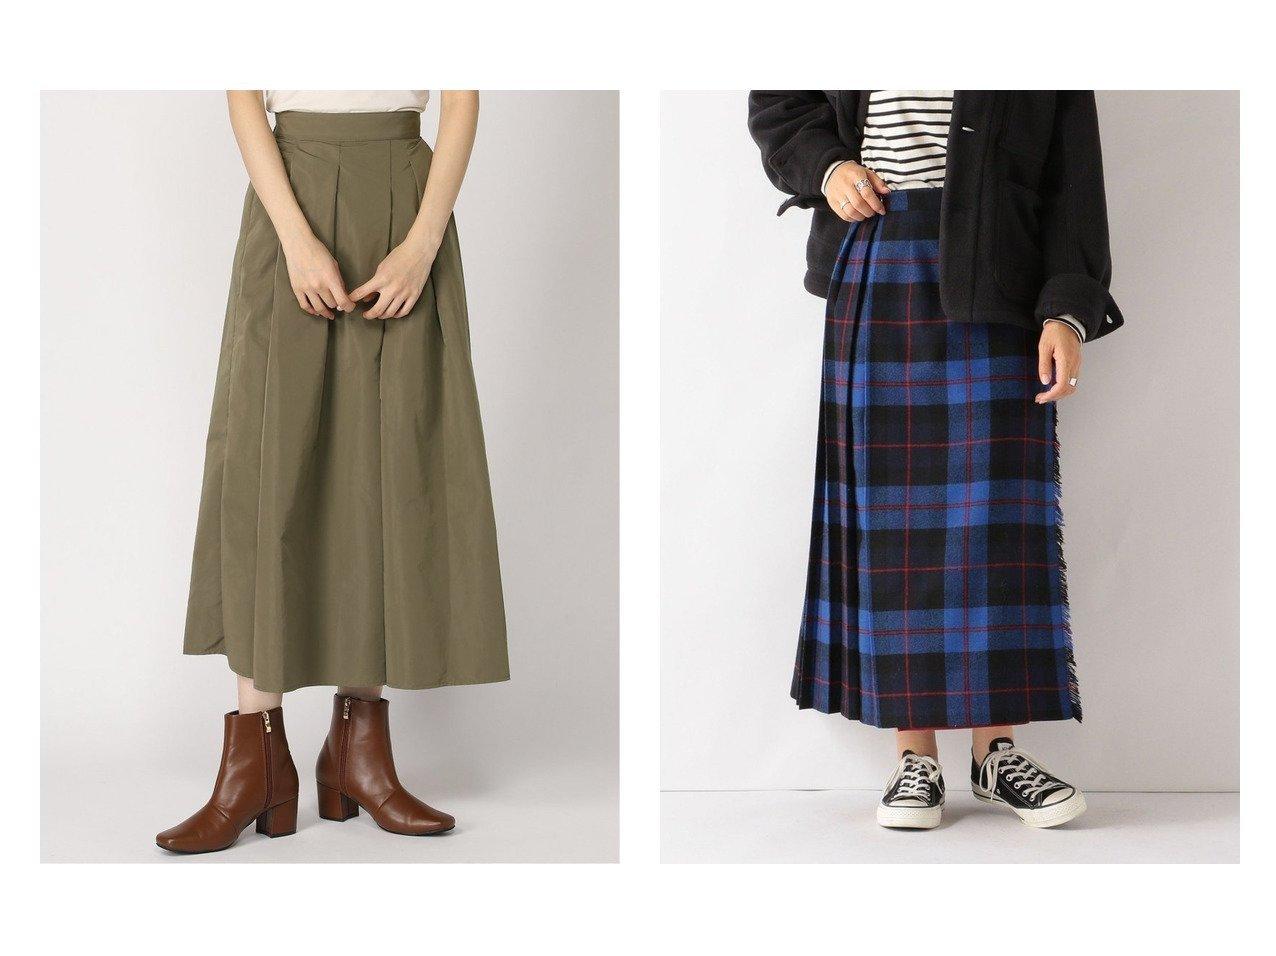 【SHIPS any/シップス エニィ】のO NEIL OF DUBLIN:チェック キルト スカート&【BARNYARDSTORM/バンヤードストーム】のメモリーウェザーフレアSK おすすめ!人気トレンド・レディースファッションの通販 おすすめで人気のファッション通販商品 インテリア・家具・キッズファッション・メンズファッション・レディースファッション・服の通販 founy(ファニー) https://founy.com/ ファッション Fashion レディース WOMEN スカート Skirt Aライン/フレアスカート Flared A-Line Skirts ロングスカート Long Skirt オケージョン コンパクト ショート タフタ トレンド フレア フロント ロング 今季 キルト スウェット スニーカー チェック プリーツ 定番 |ID:crp329100000006482